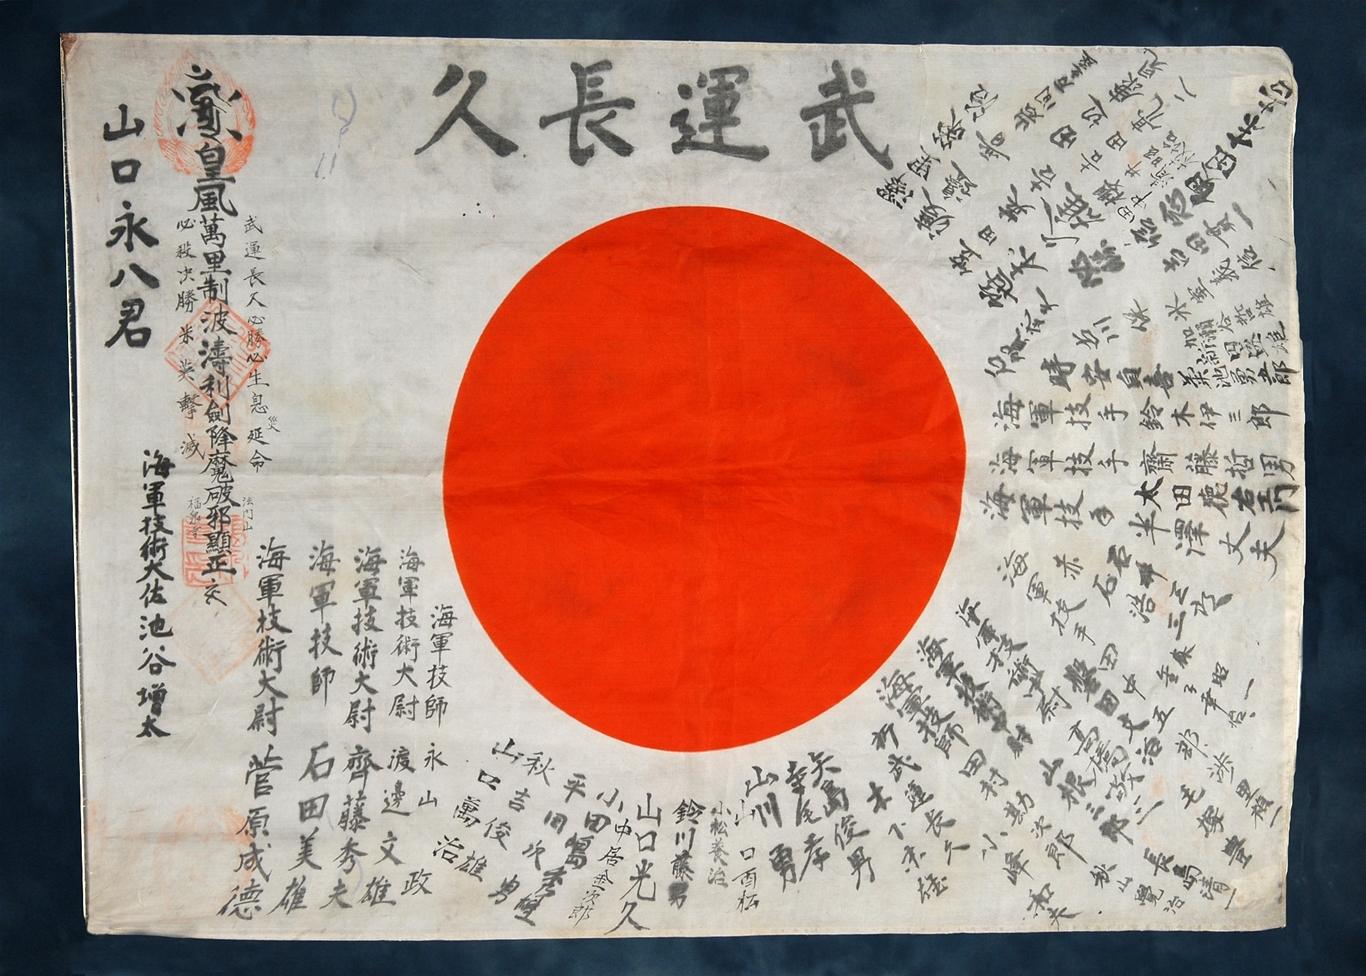 Lich sử của lá cờ Nhật Bản